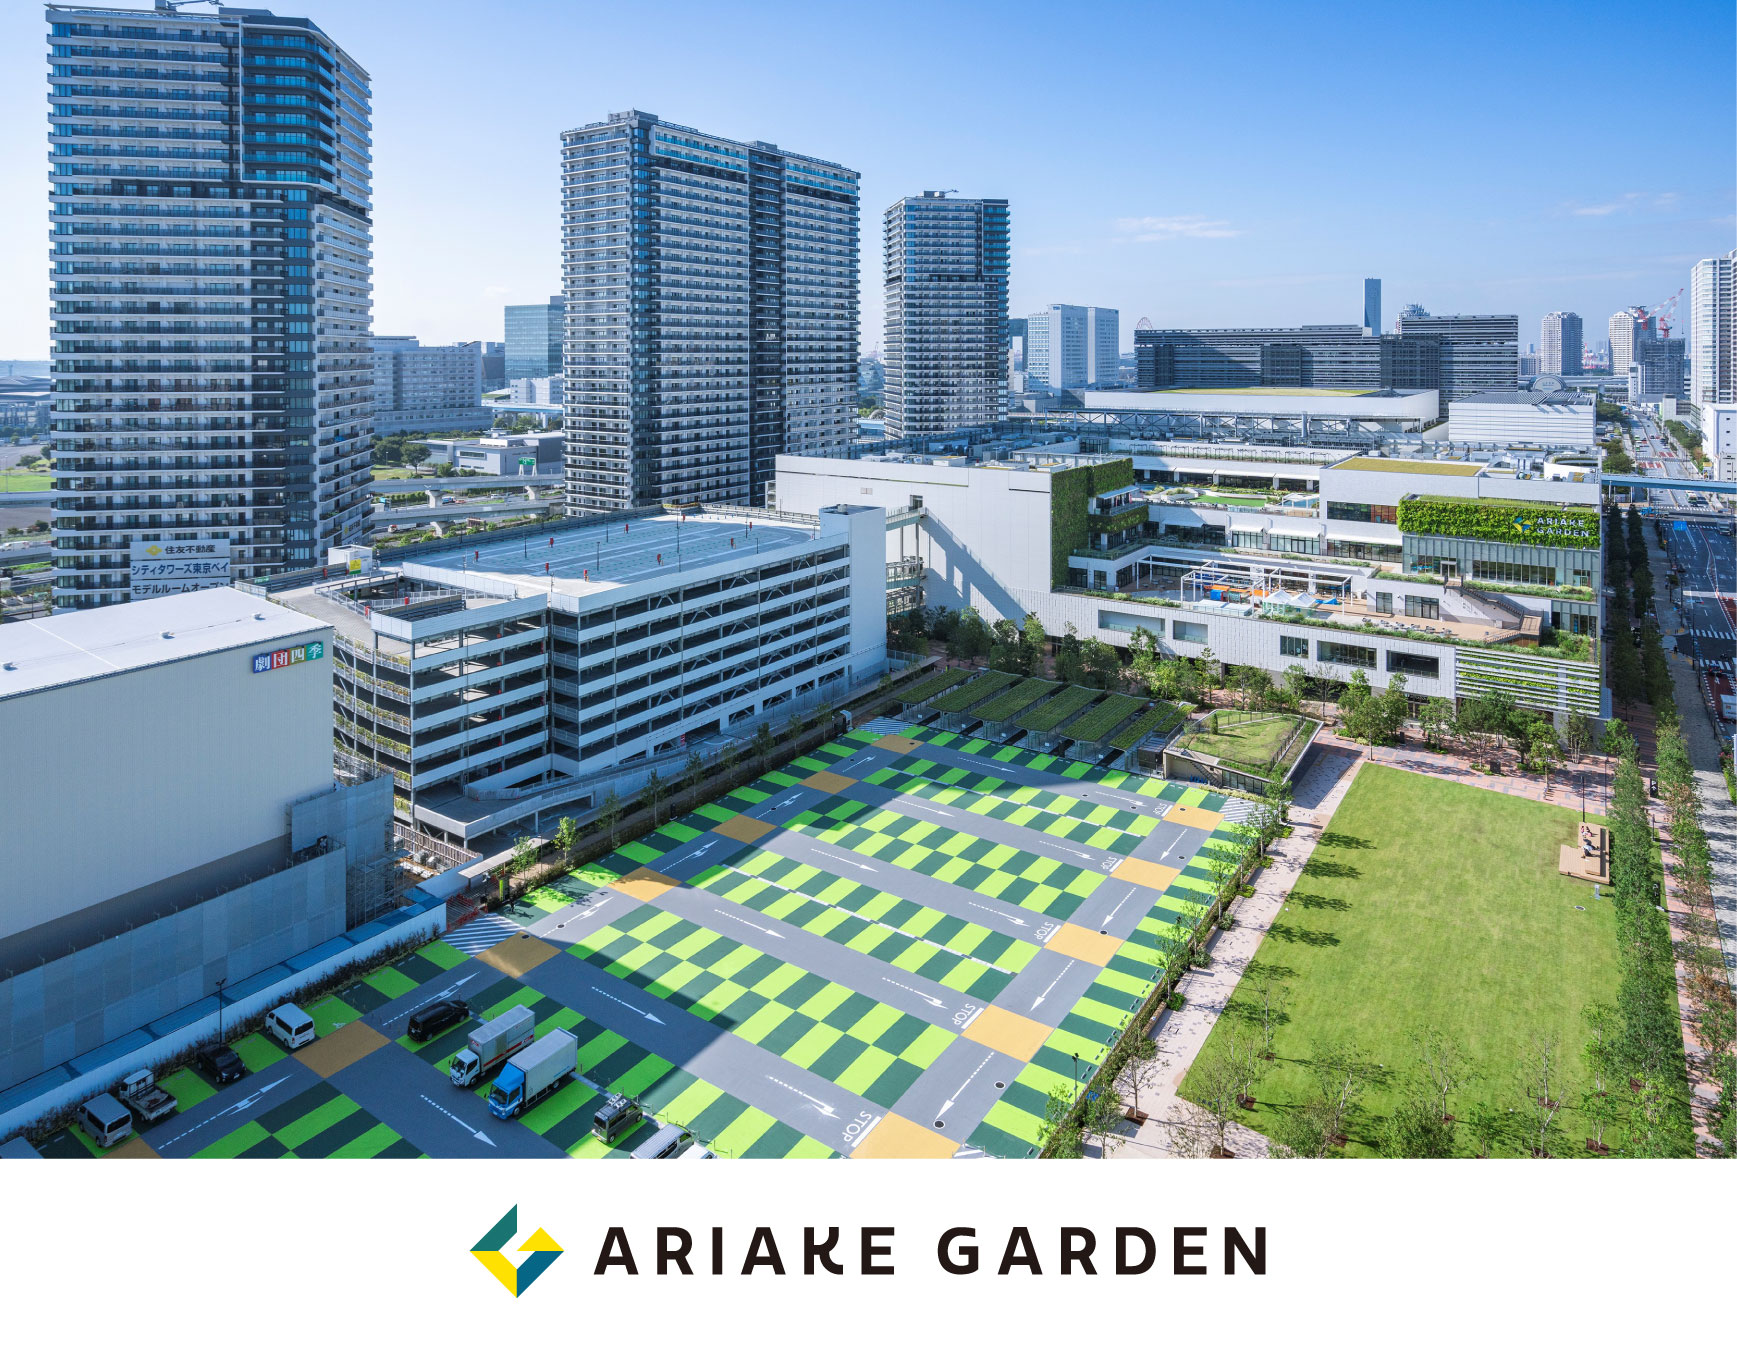 有明ガーデン(住友不動産商業マネジメント 2020年12月4日プレスリリースより)